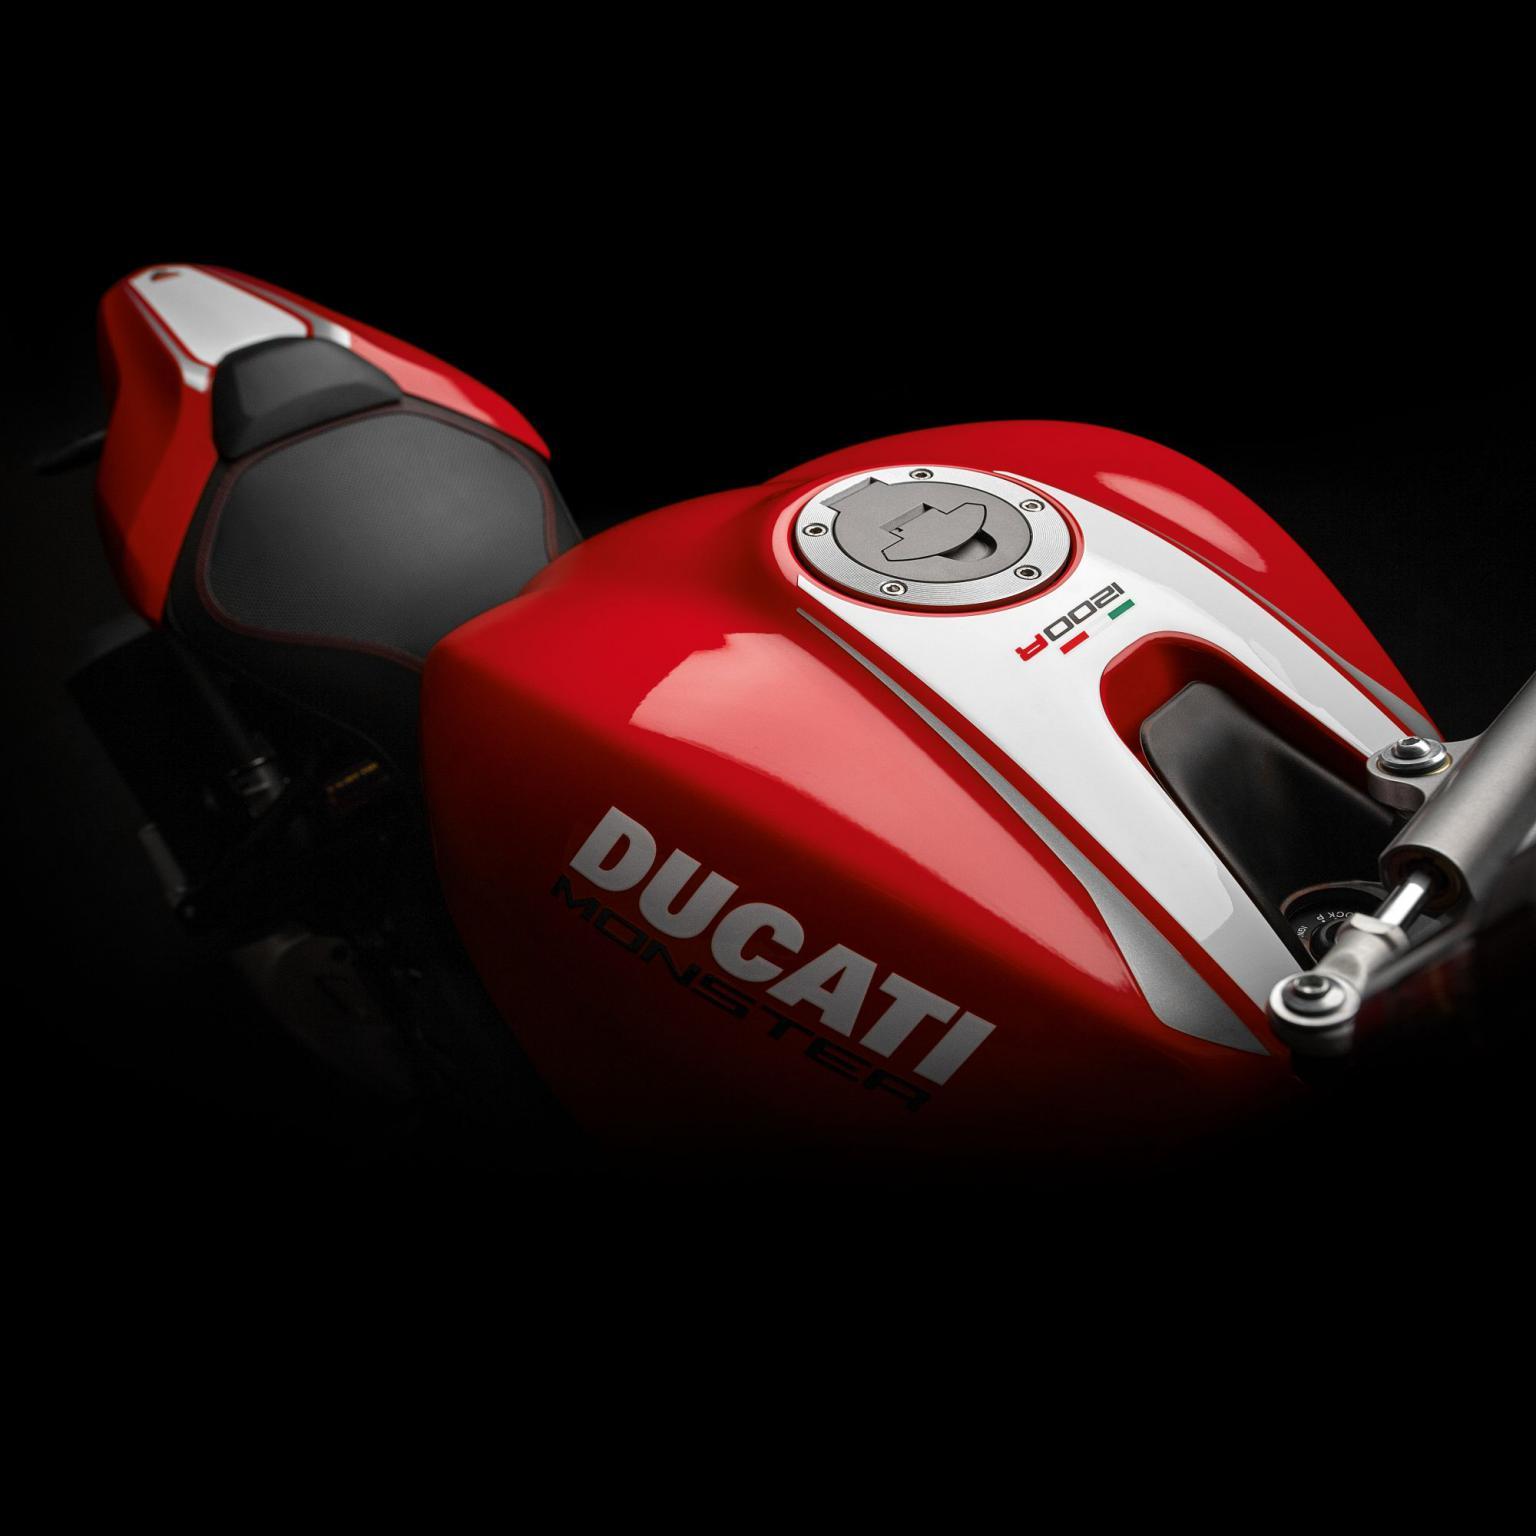 Ducati Monster Testastretta